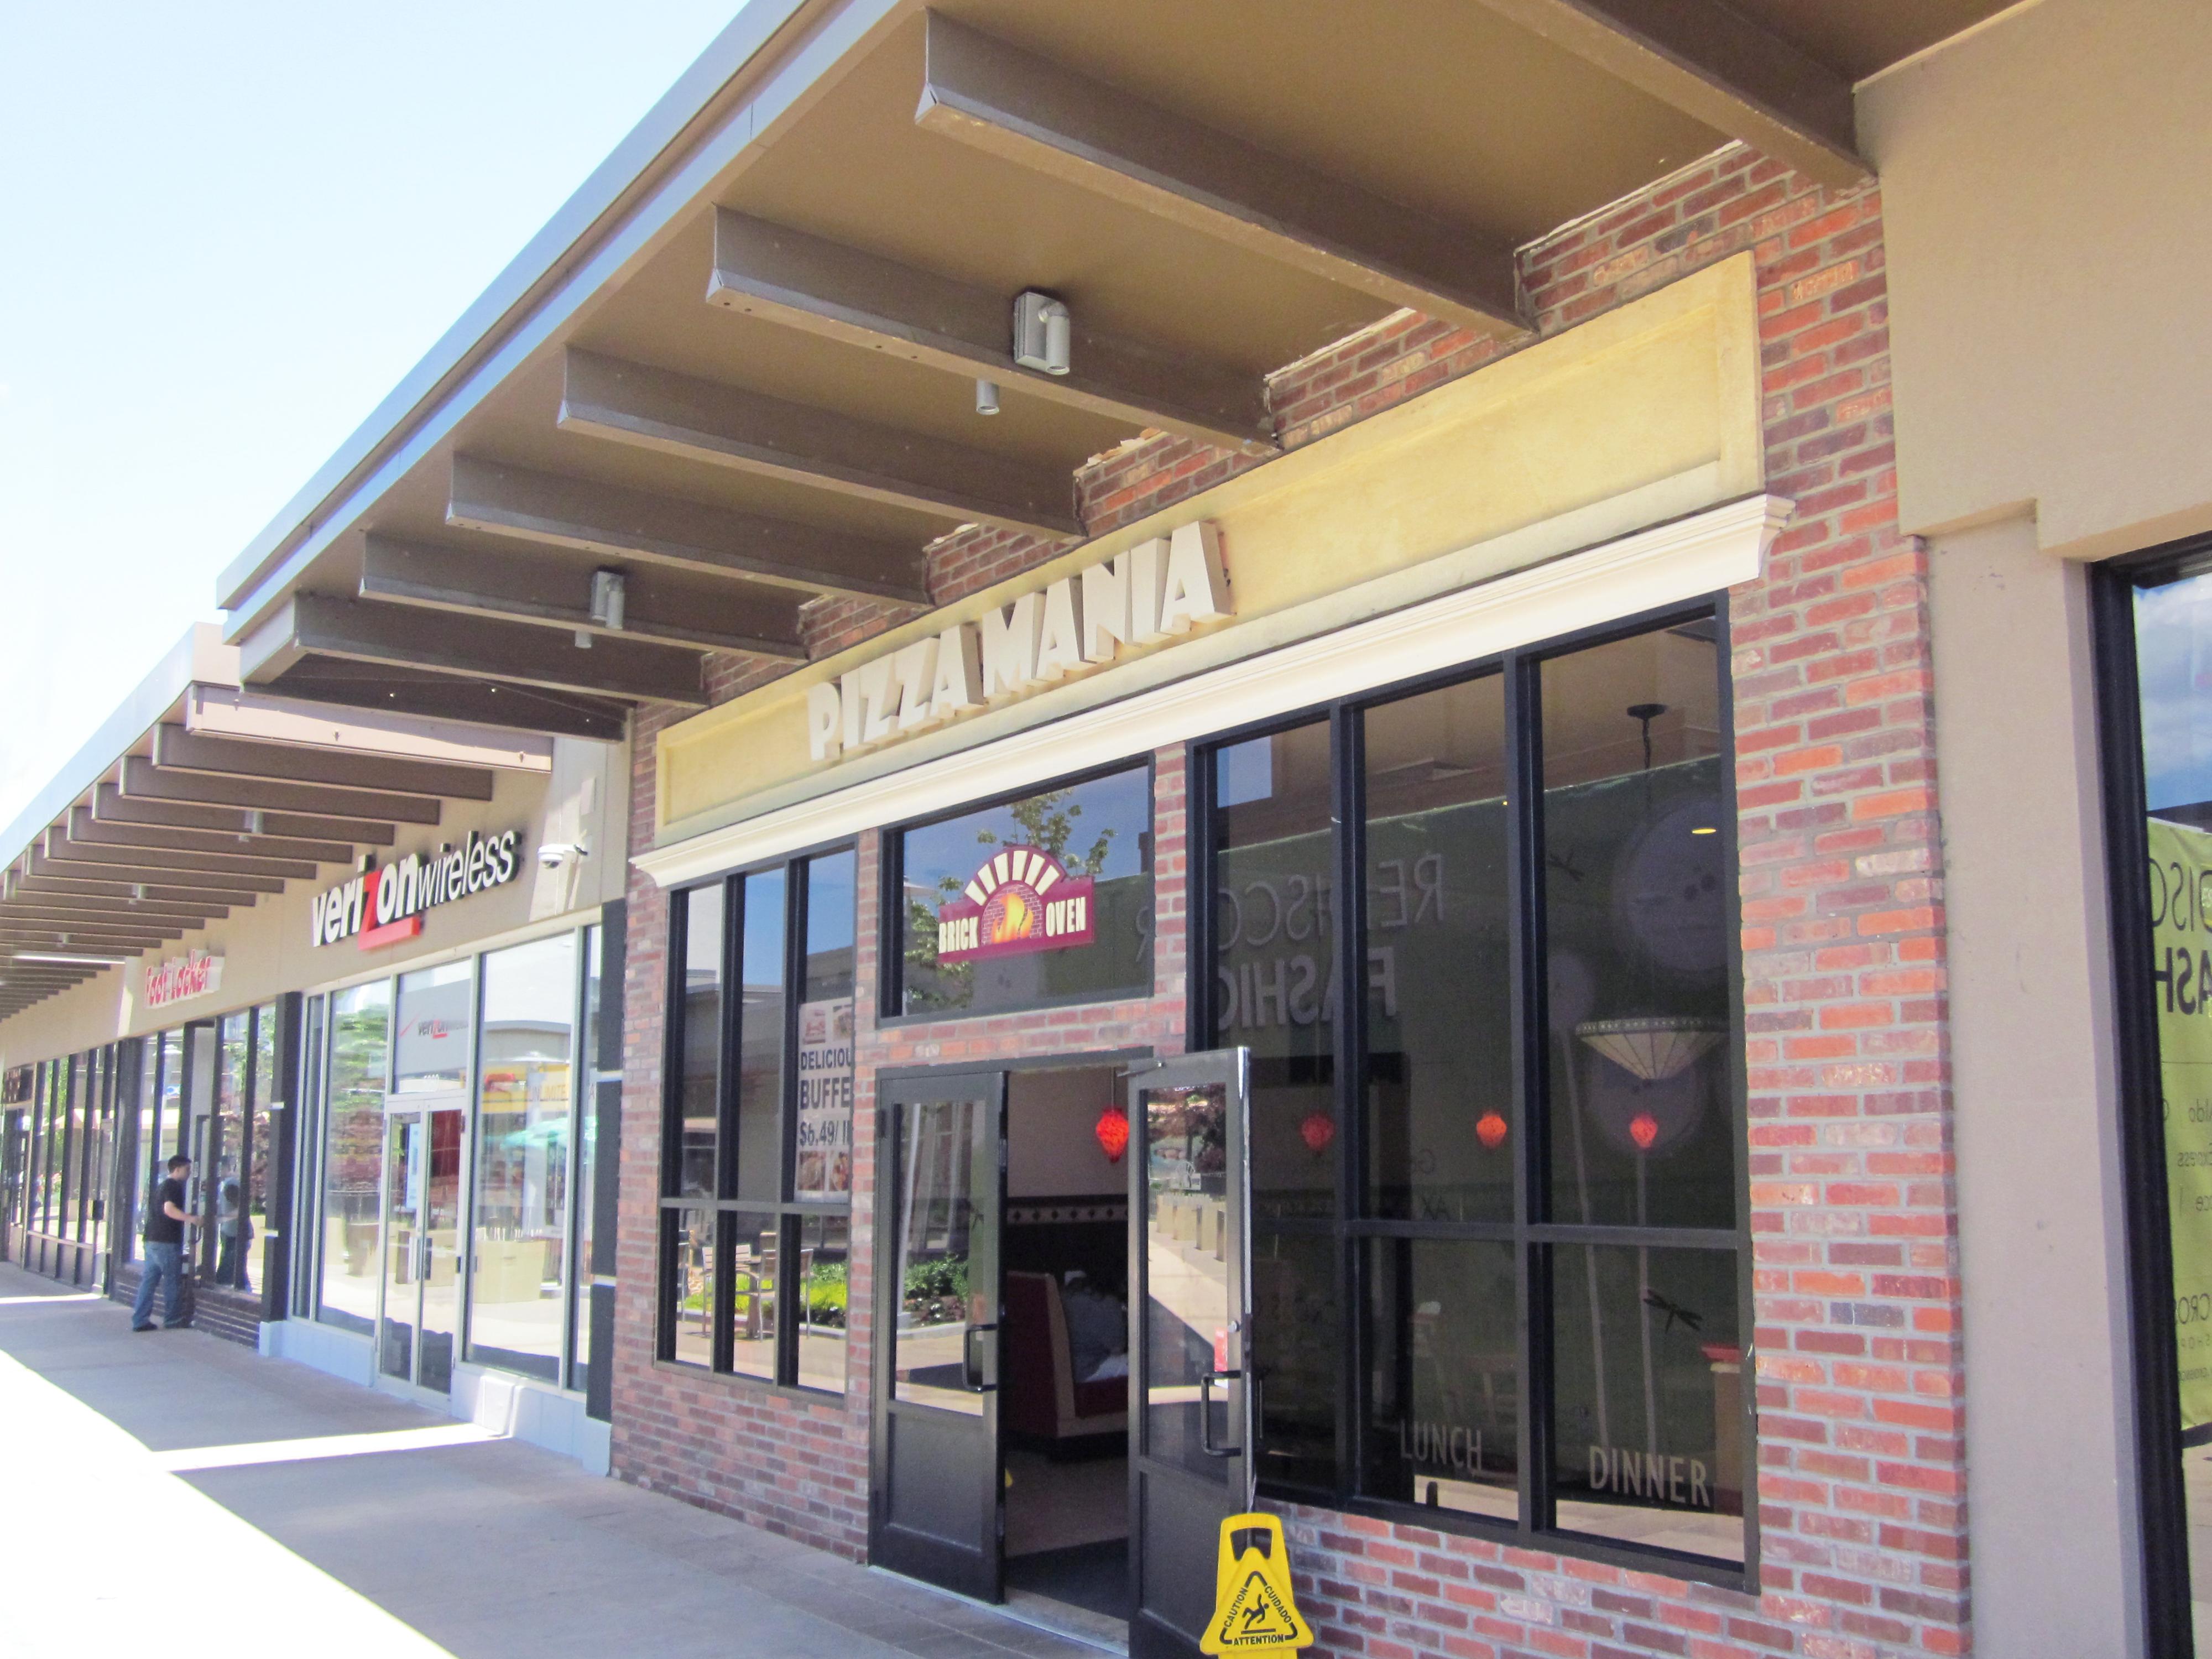 Pizzeria & Restaurant, Yonkers, NY